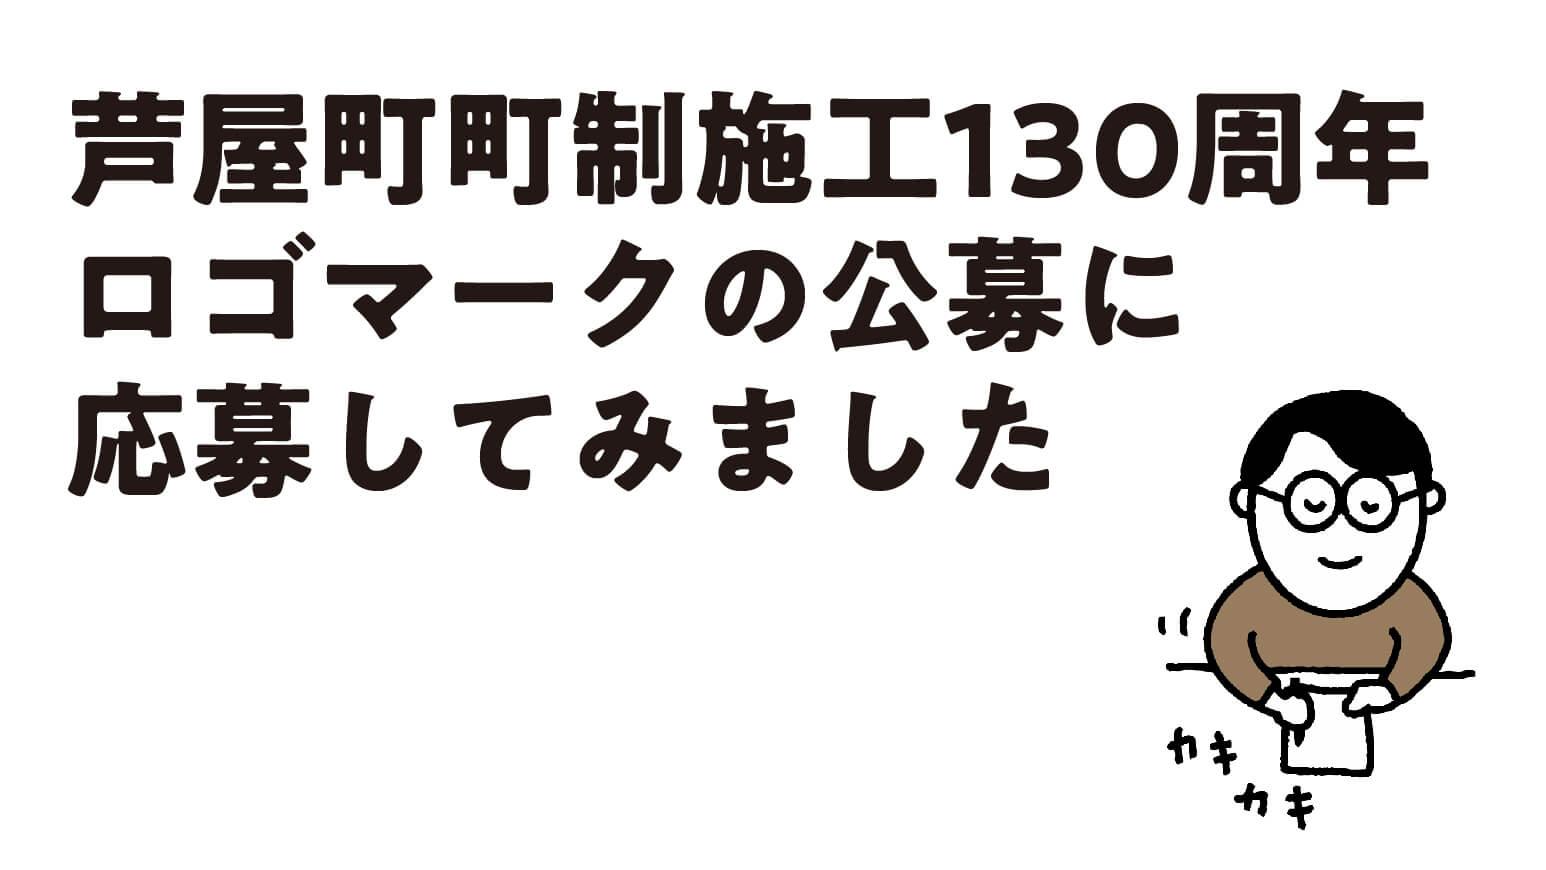 【公募】芦屋町町制施工130周年のロゴマークの公募に応募してみた